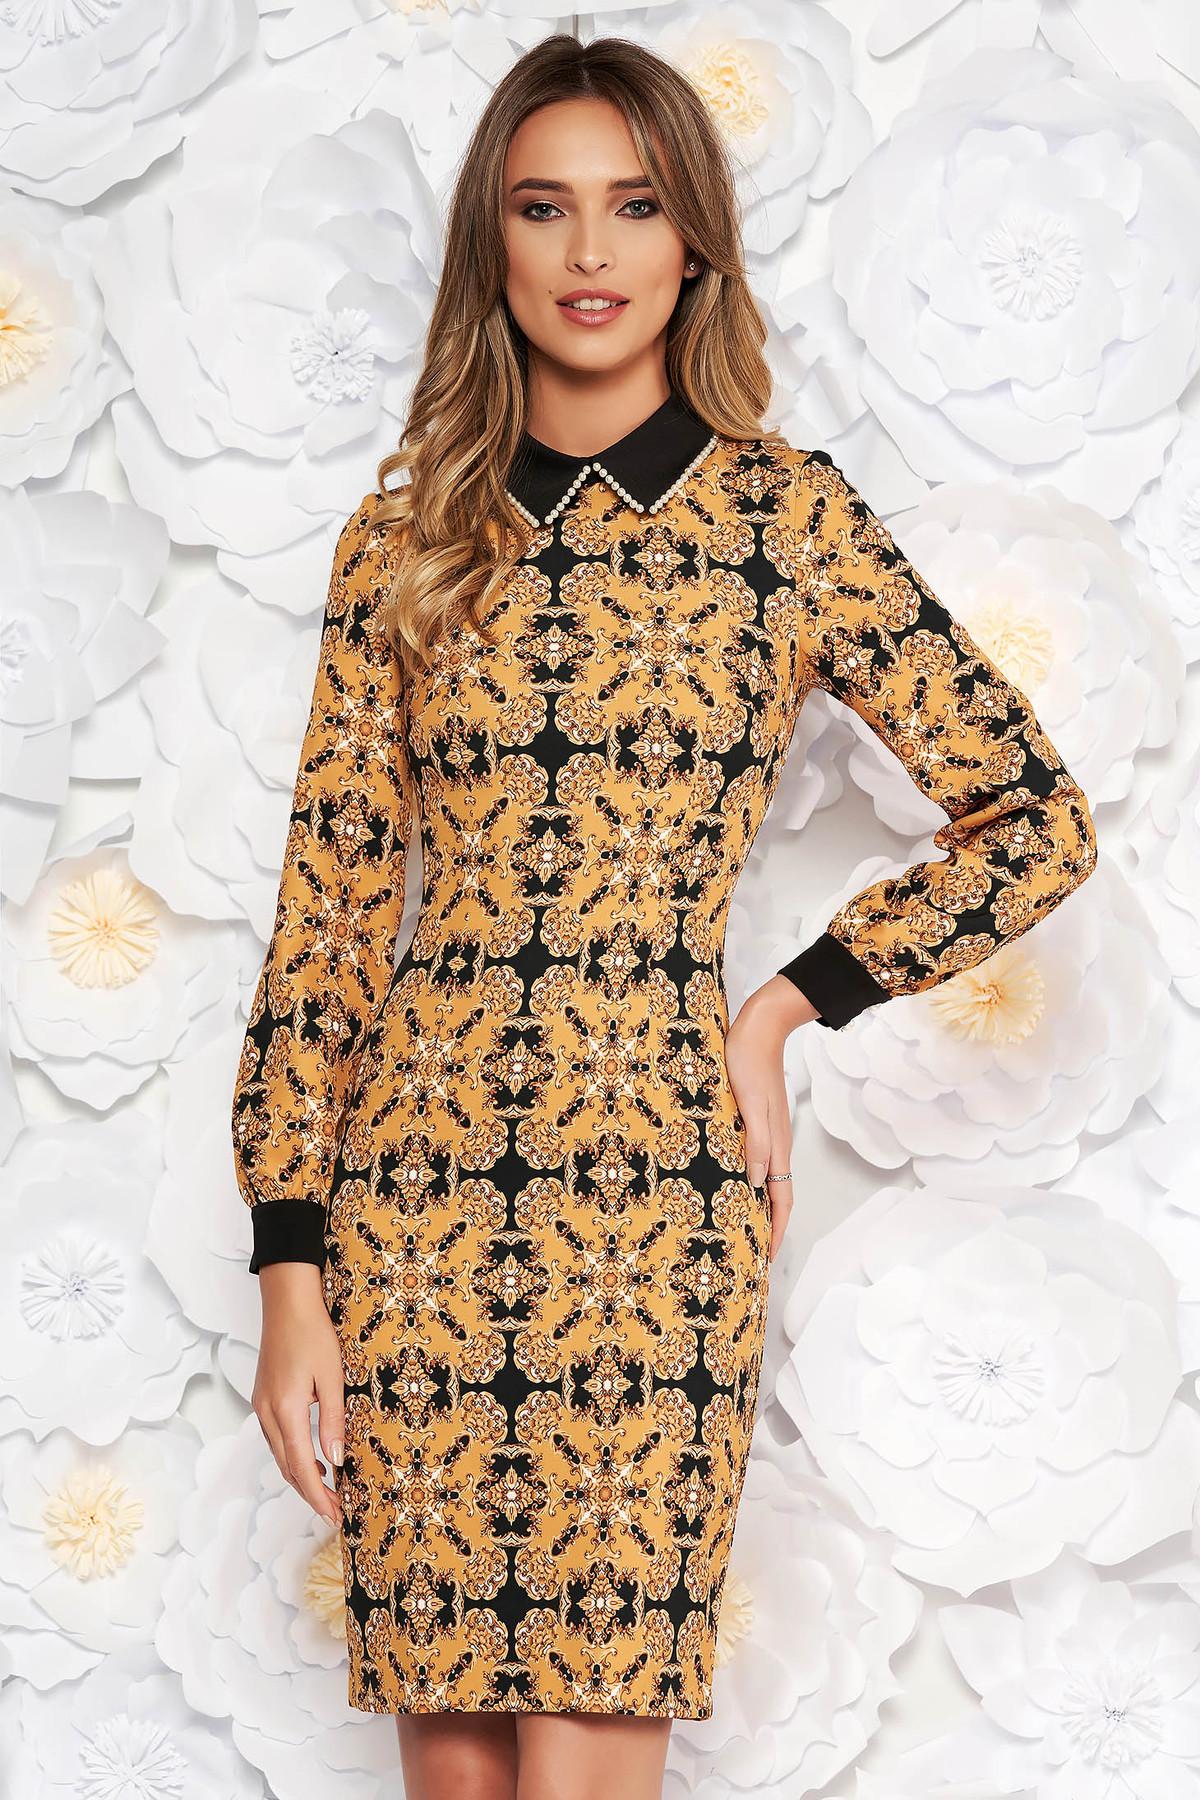 Rochie mustarie eleganta din stofa cu imprimeu grafic guler detasabil cu aplicatii cu perle